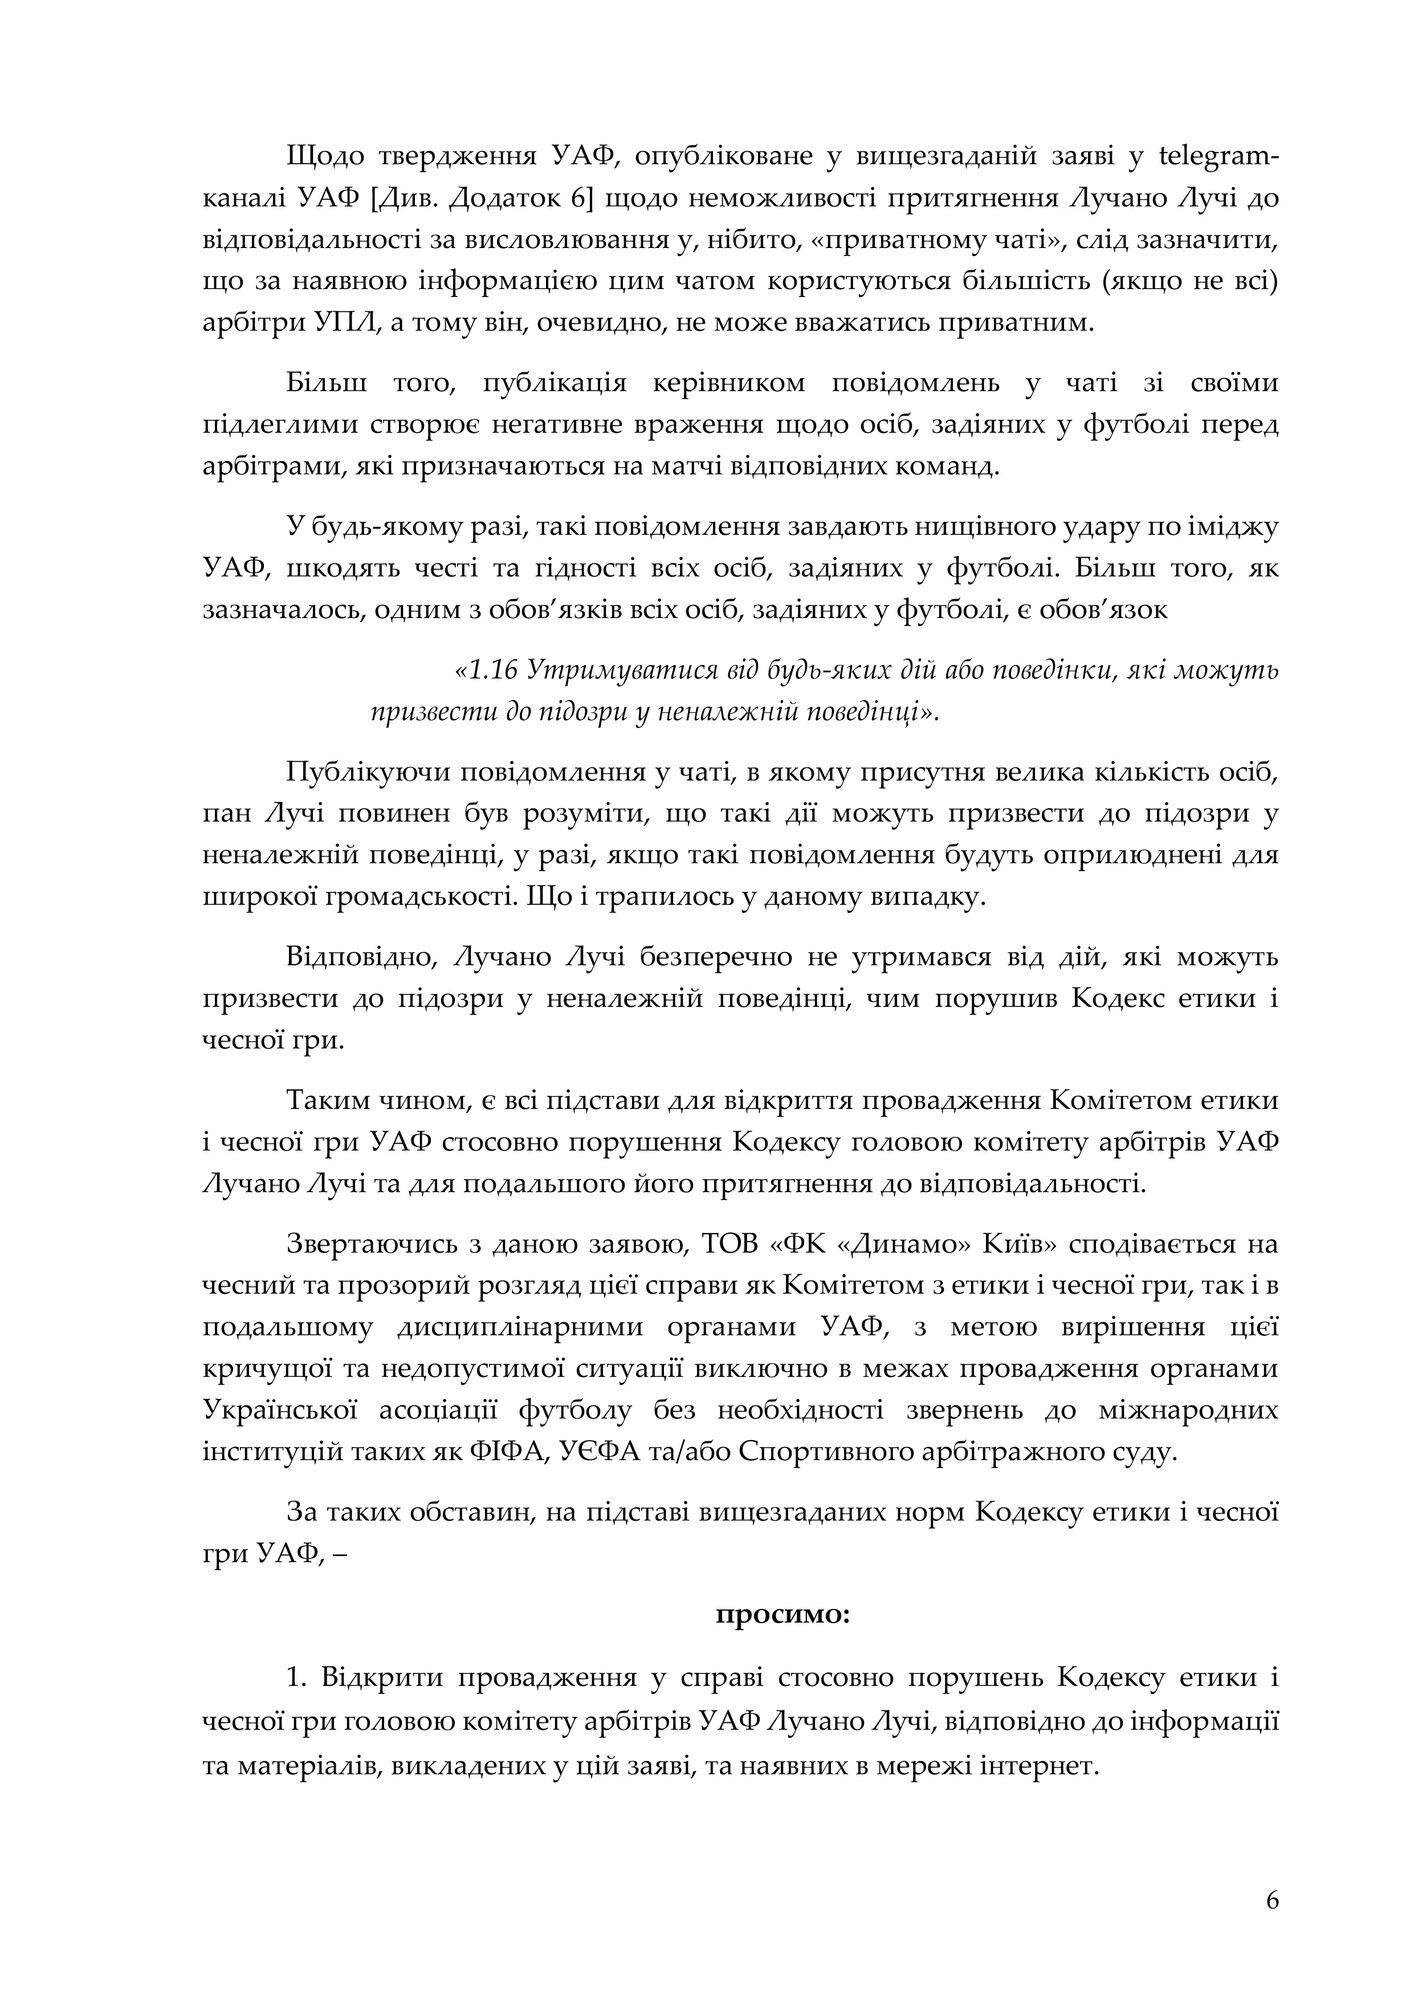 """Официальное заявление """"Динамо"""", страница 6"""